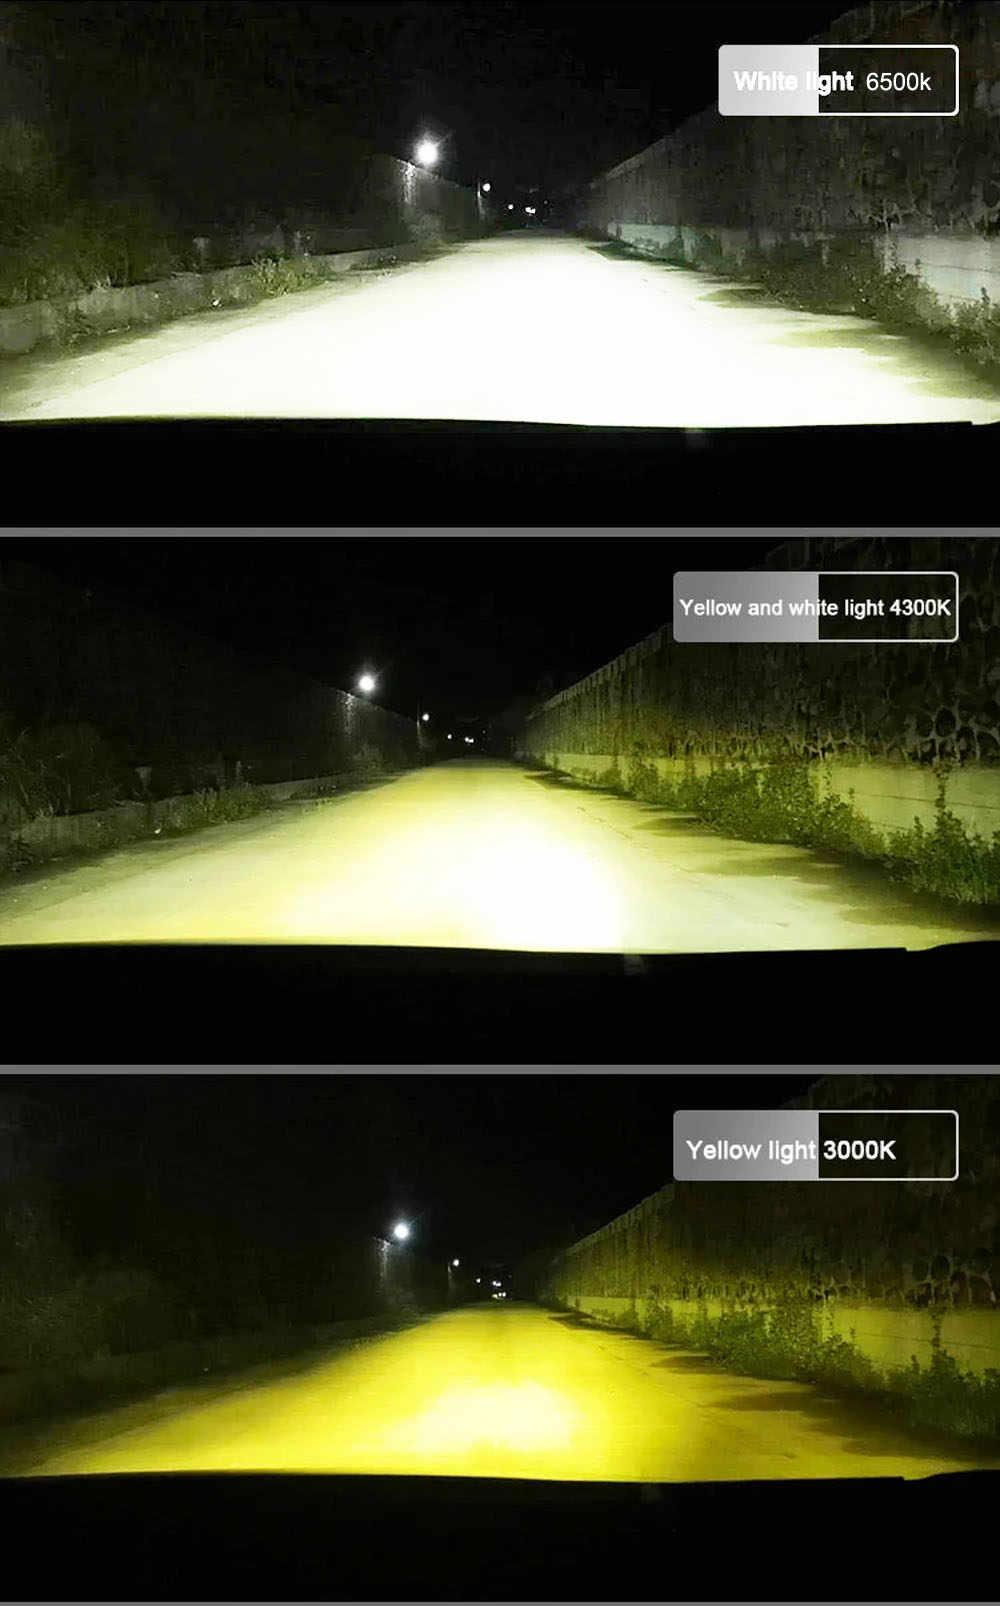 Hillpow ZES 3000K LED H7 H11 H8 HB4 H1 H3 HB3 Auto F2 żarówki reflektorów samochodowych 72W 8000LM 4300K 6500K ampułka LED H4 żarówka